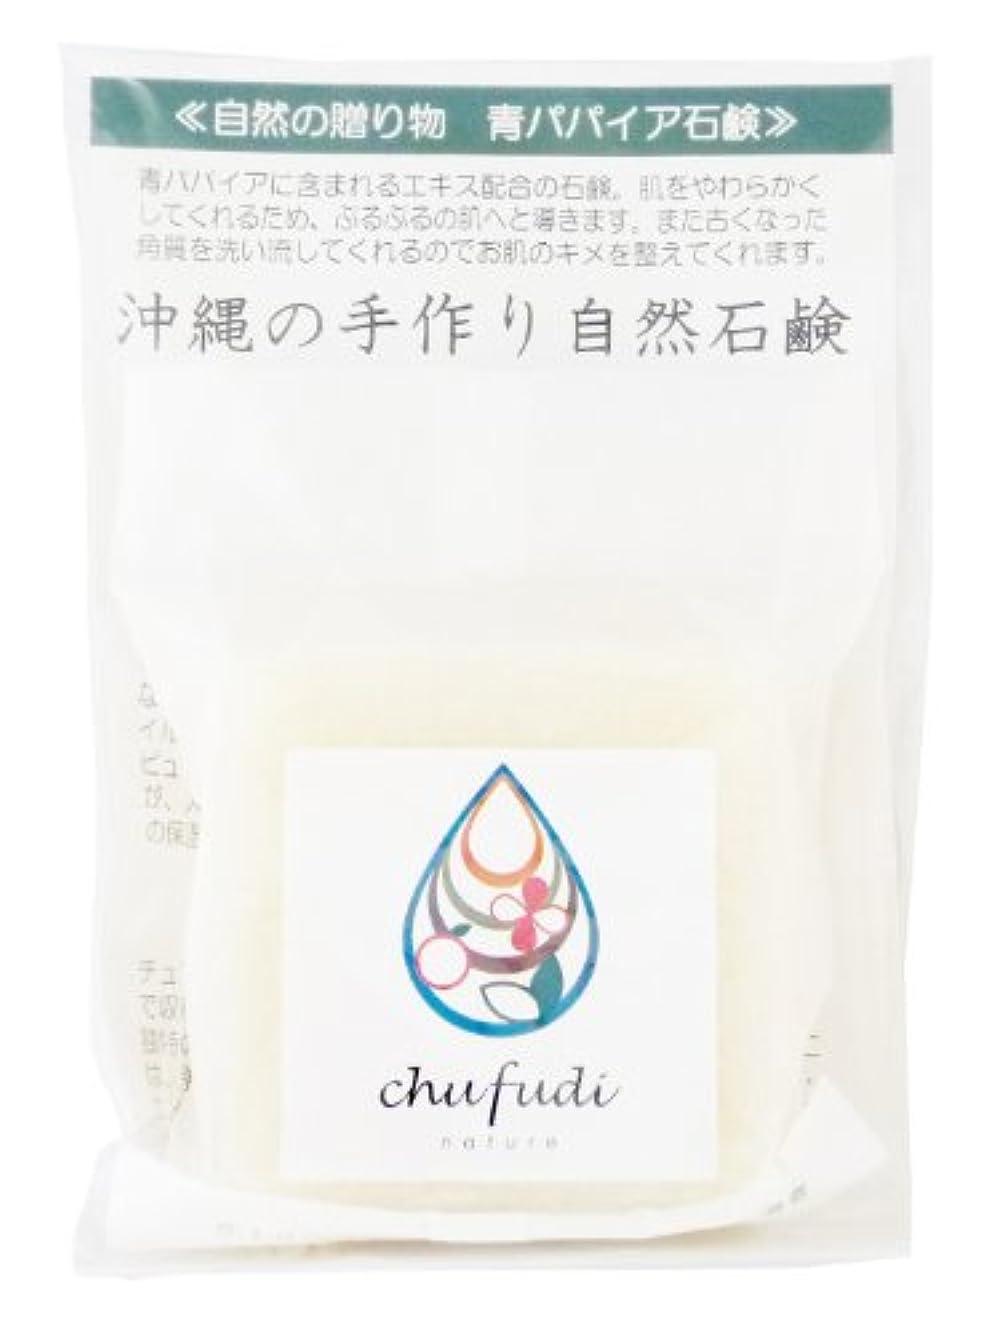 ペン責オリエンテーションチュフディ ナチュール 自然からの贈り物 青パパイヤ洗顔石鹸